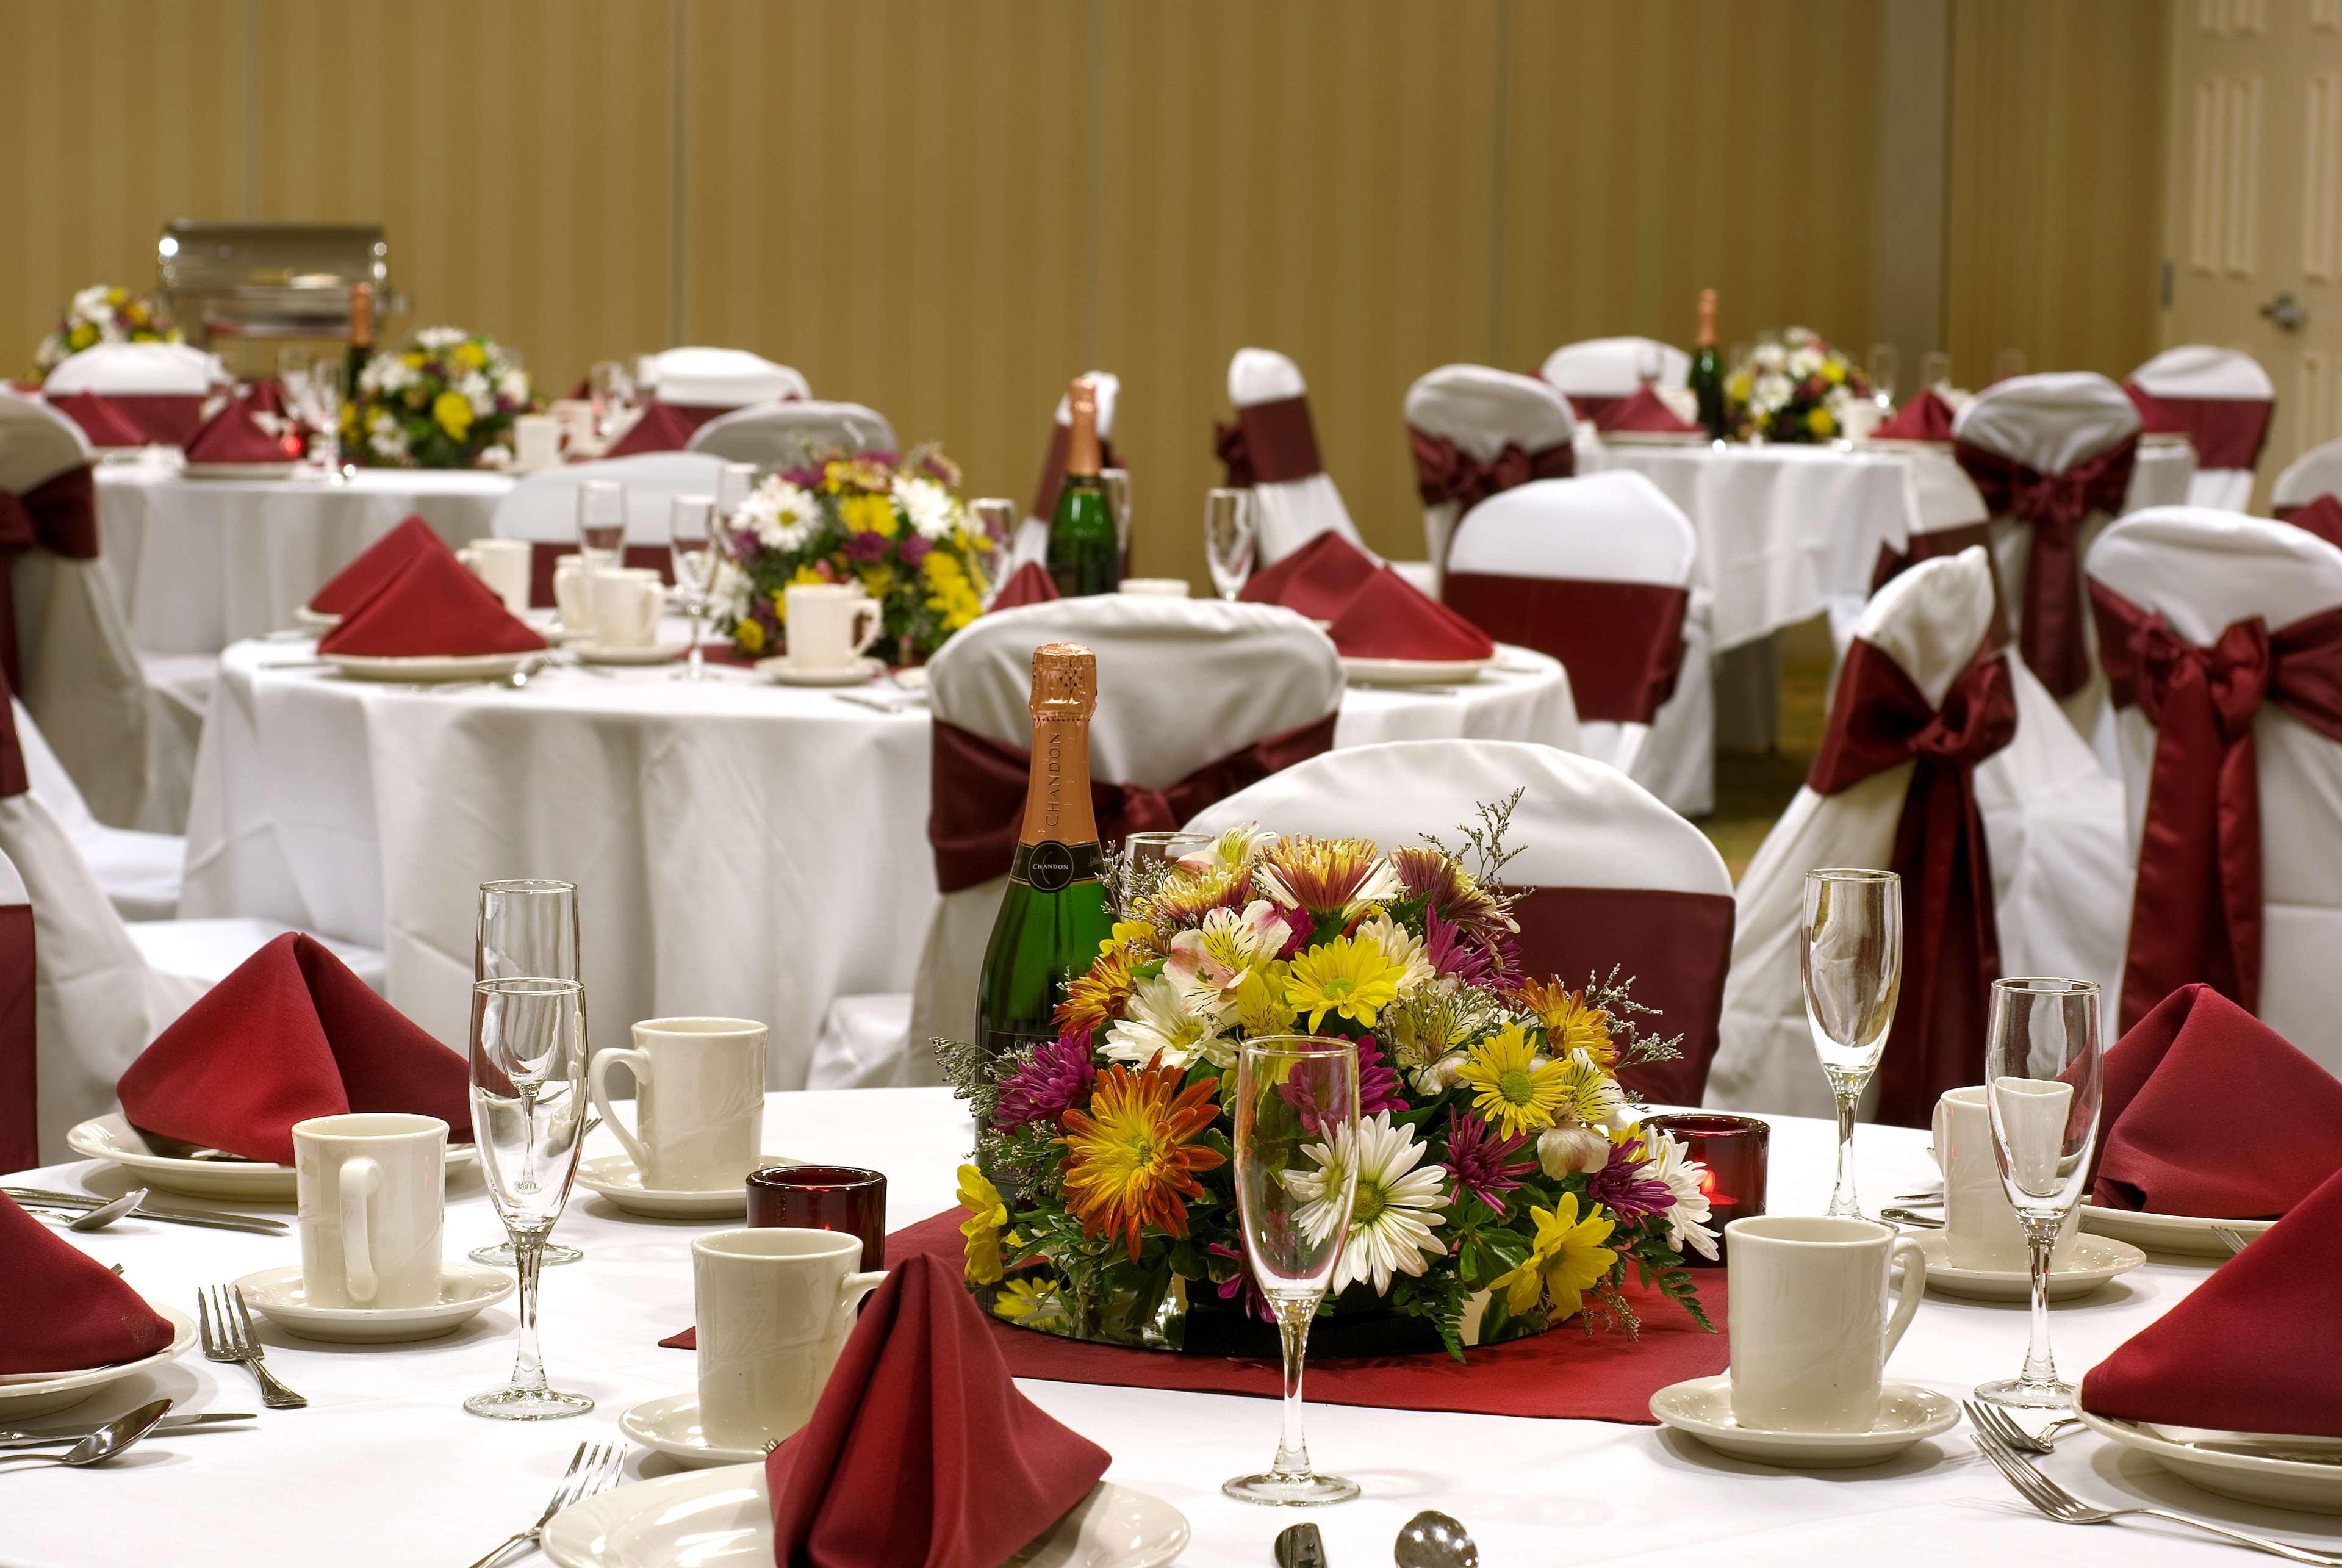 Hilton Garden Inn Sacramento Elk Grove image 37